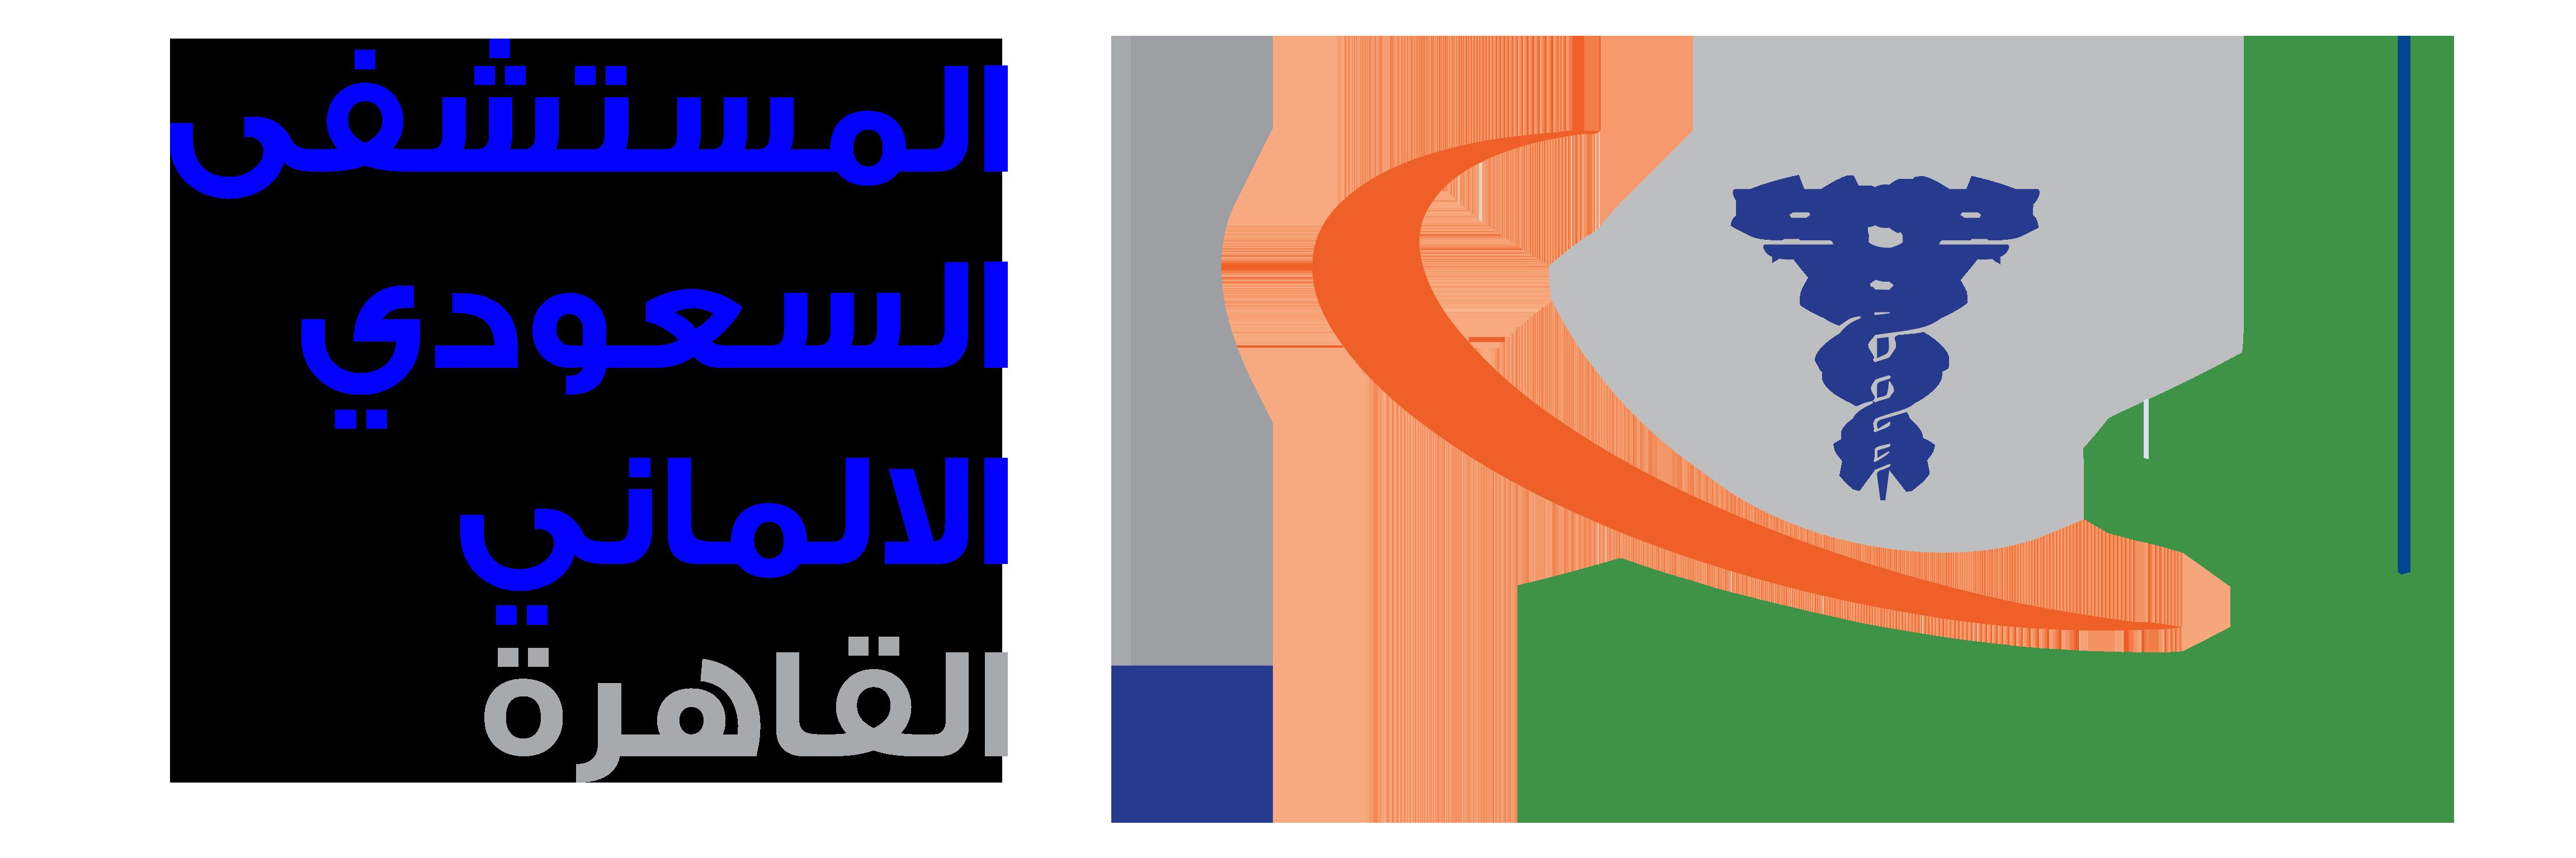 السعودي الالماني logo